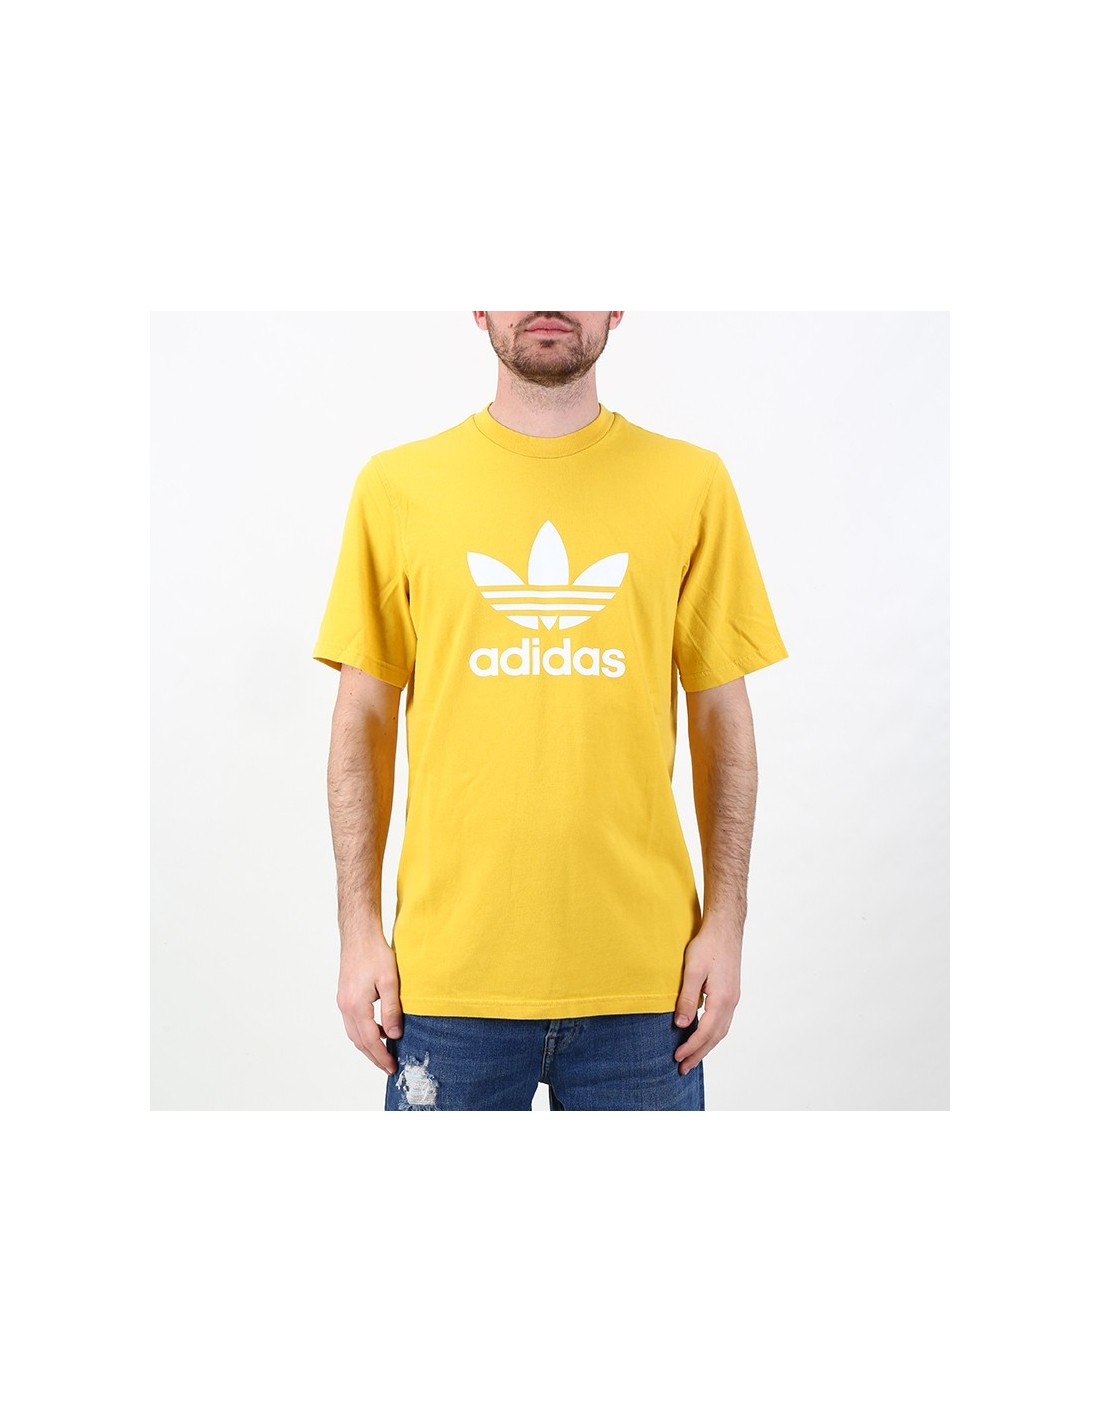 Adidas - T-shirt ARGENTINA